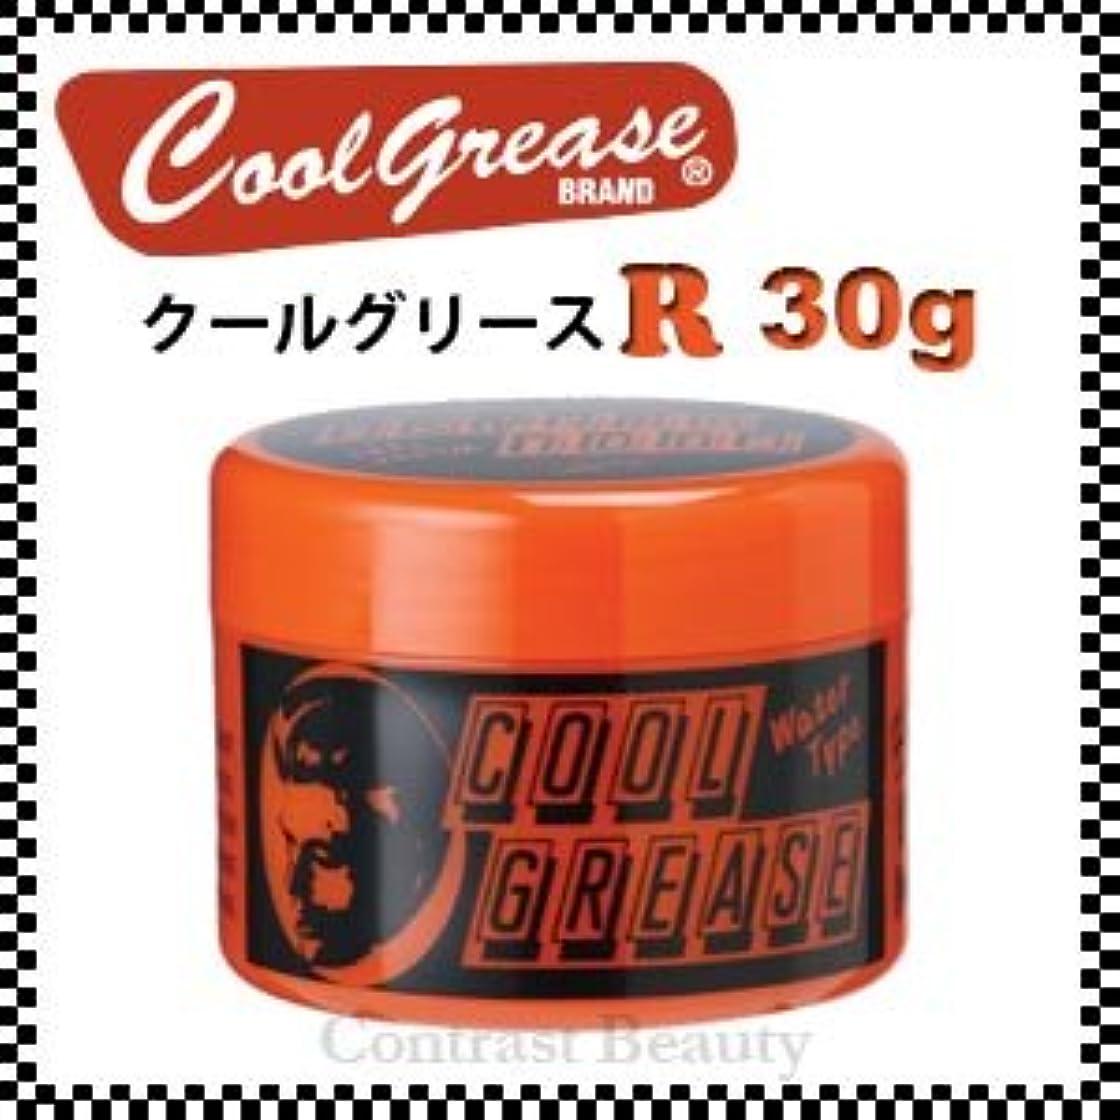 ジーンズ集計放射能阪本高生堂 クールグリース R 30g